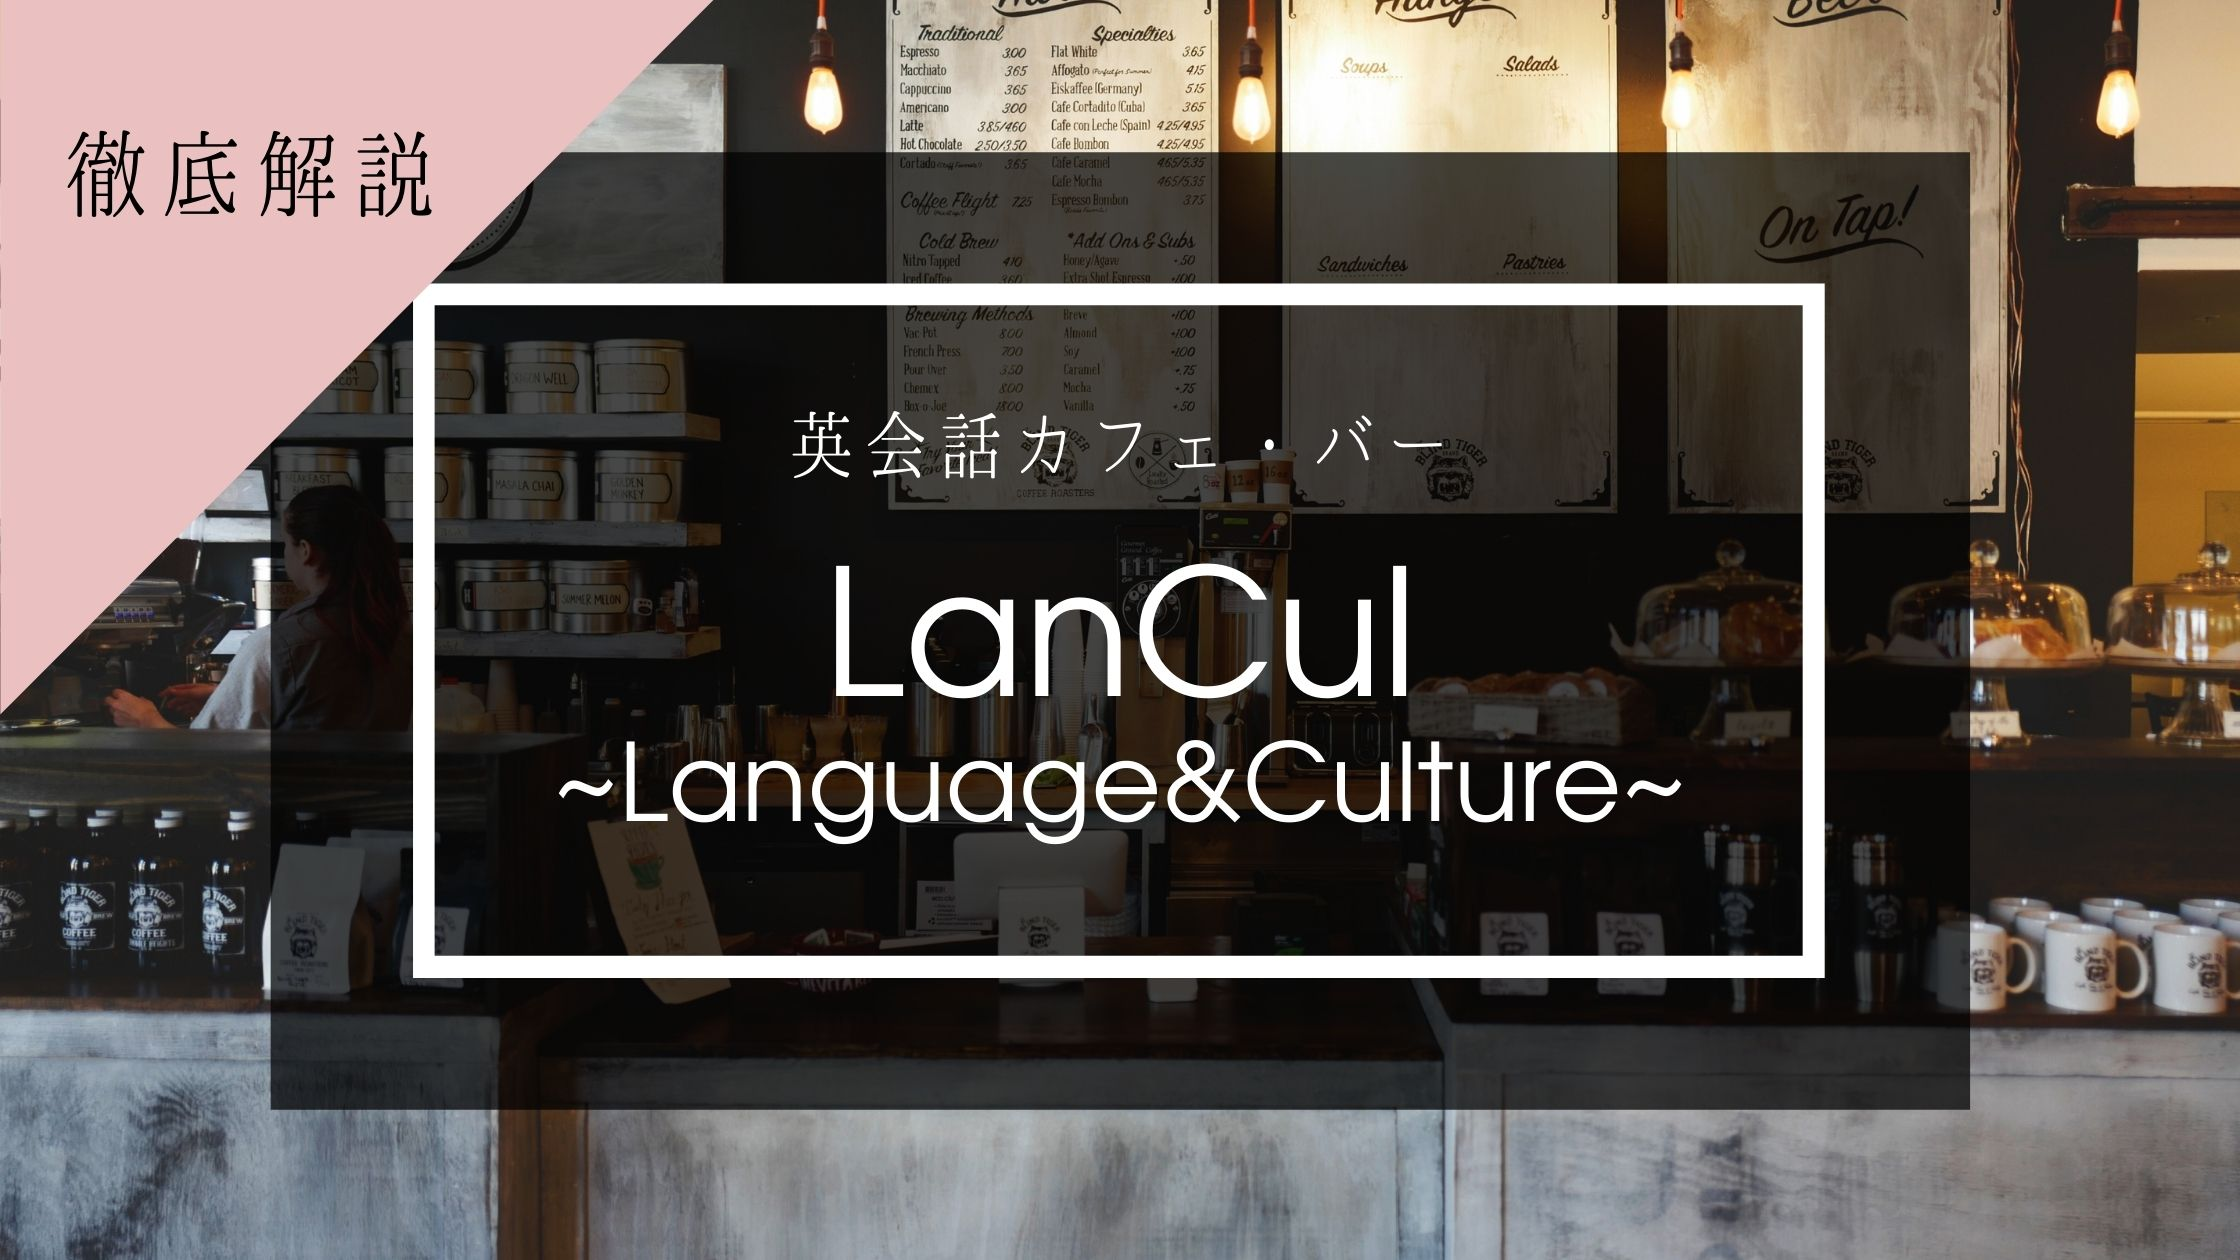 英会話カフェ・バーLanCul(ランカル)の評判は?メイトって?特徴やメリット・デメリットを解説!